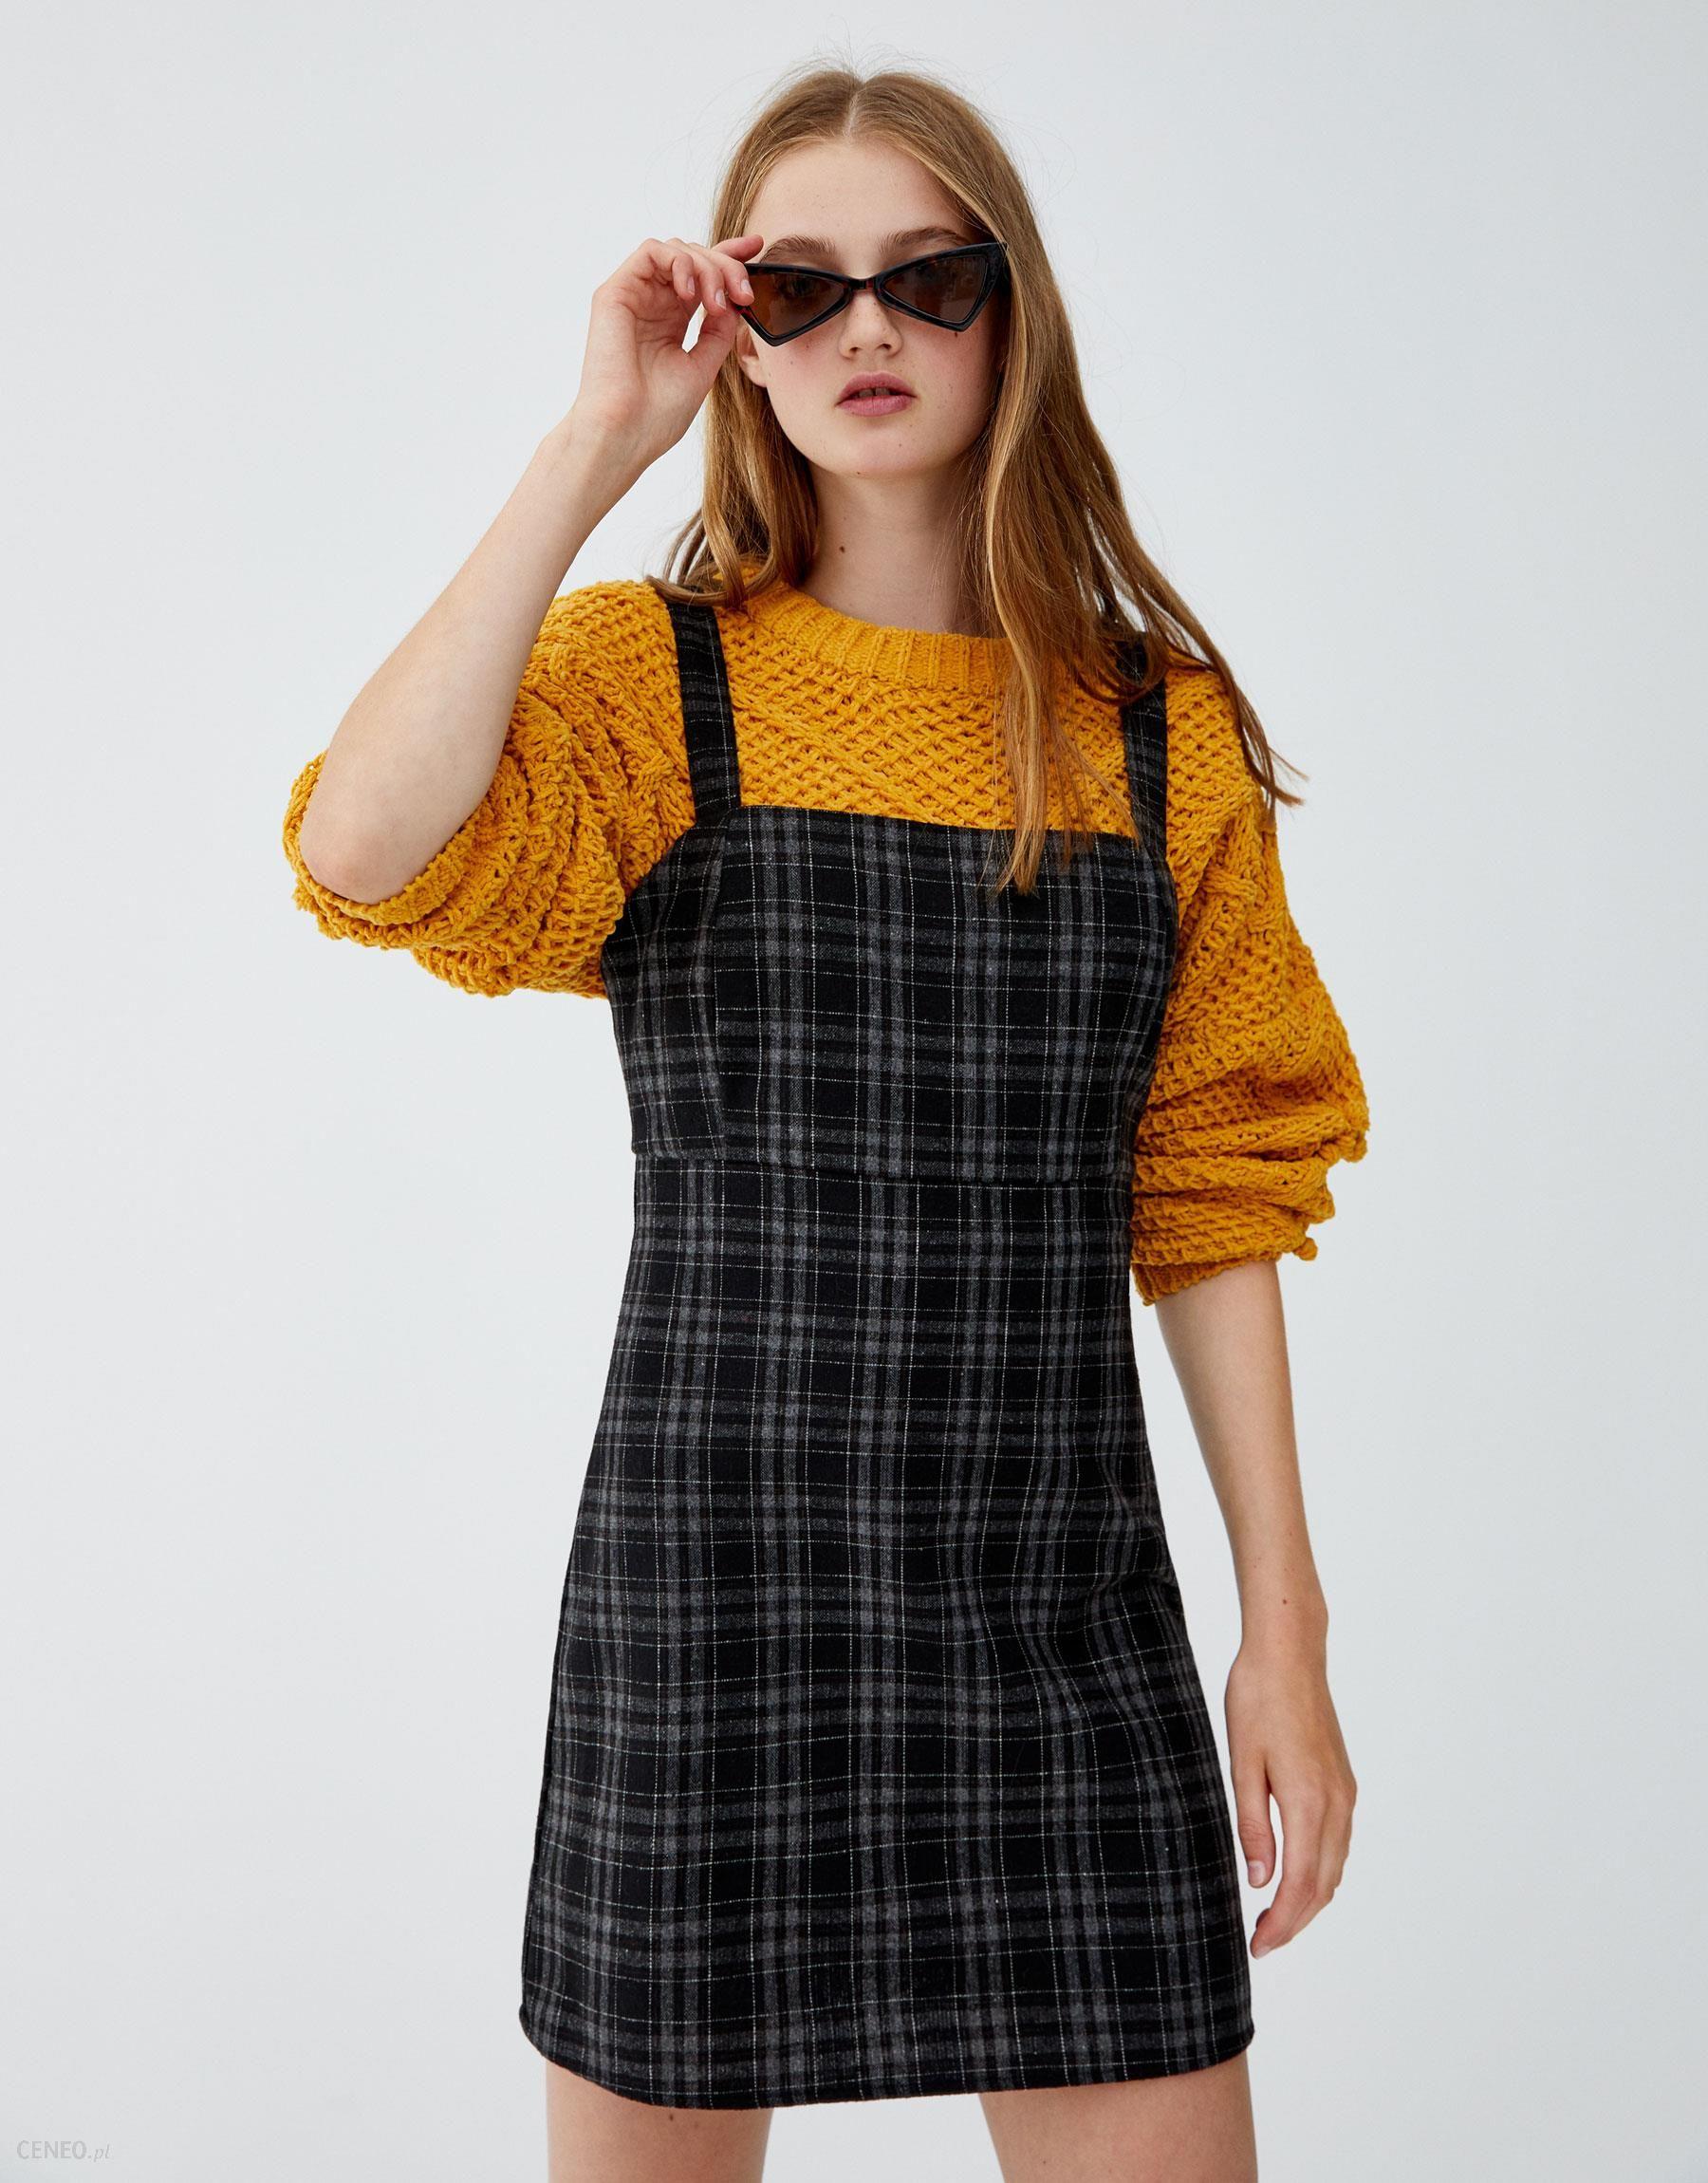 25996bd424 Pull   Bear Sukienka na ramiączkach w kratkę - Ceny i opinie - Ceneo.pl